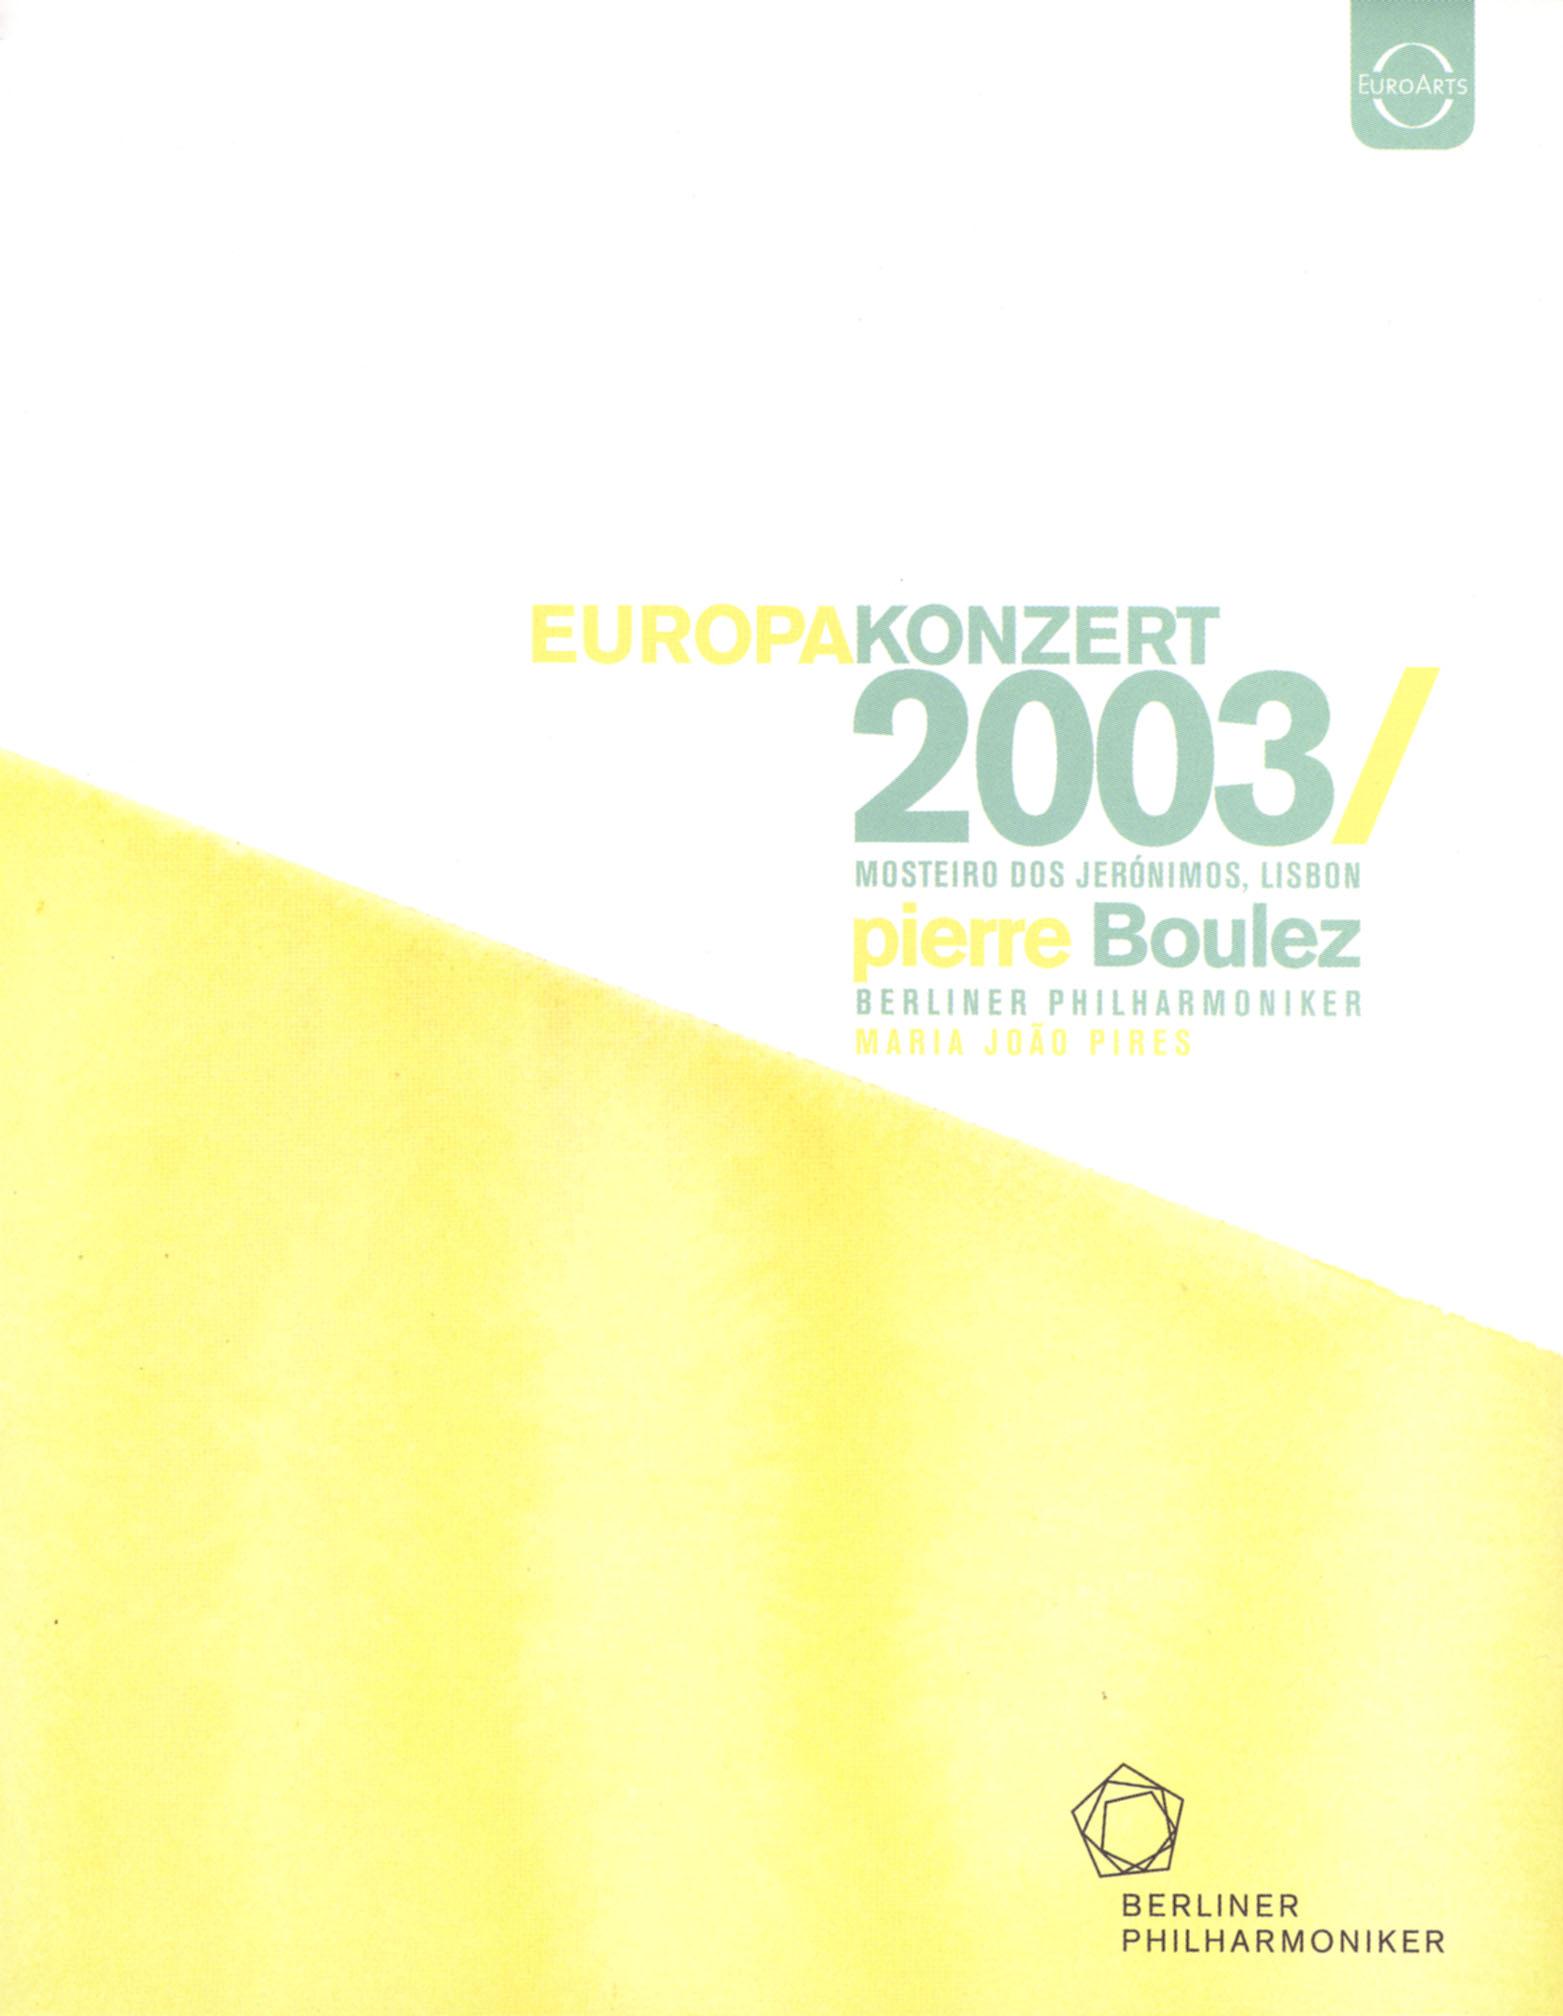 Europa Konzert 2003